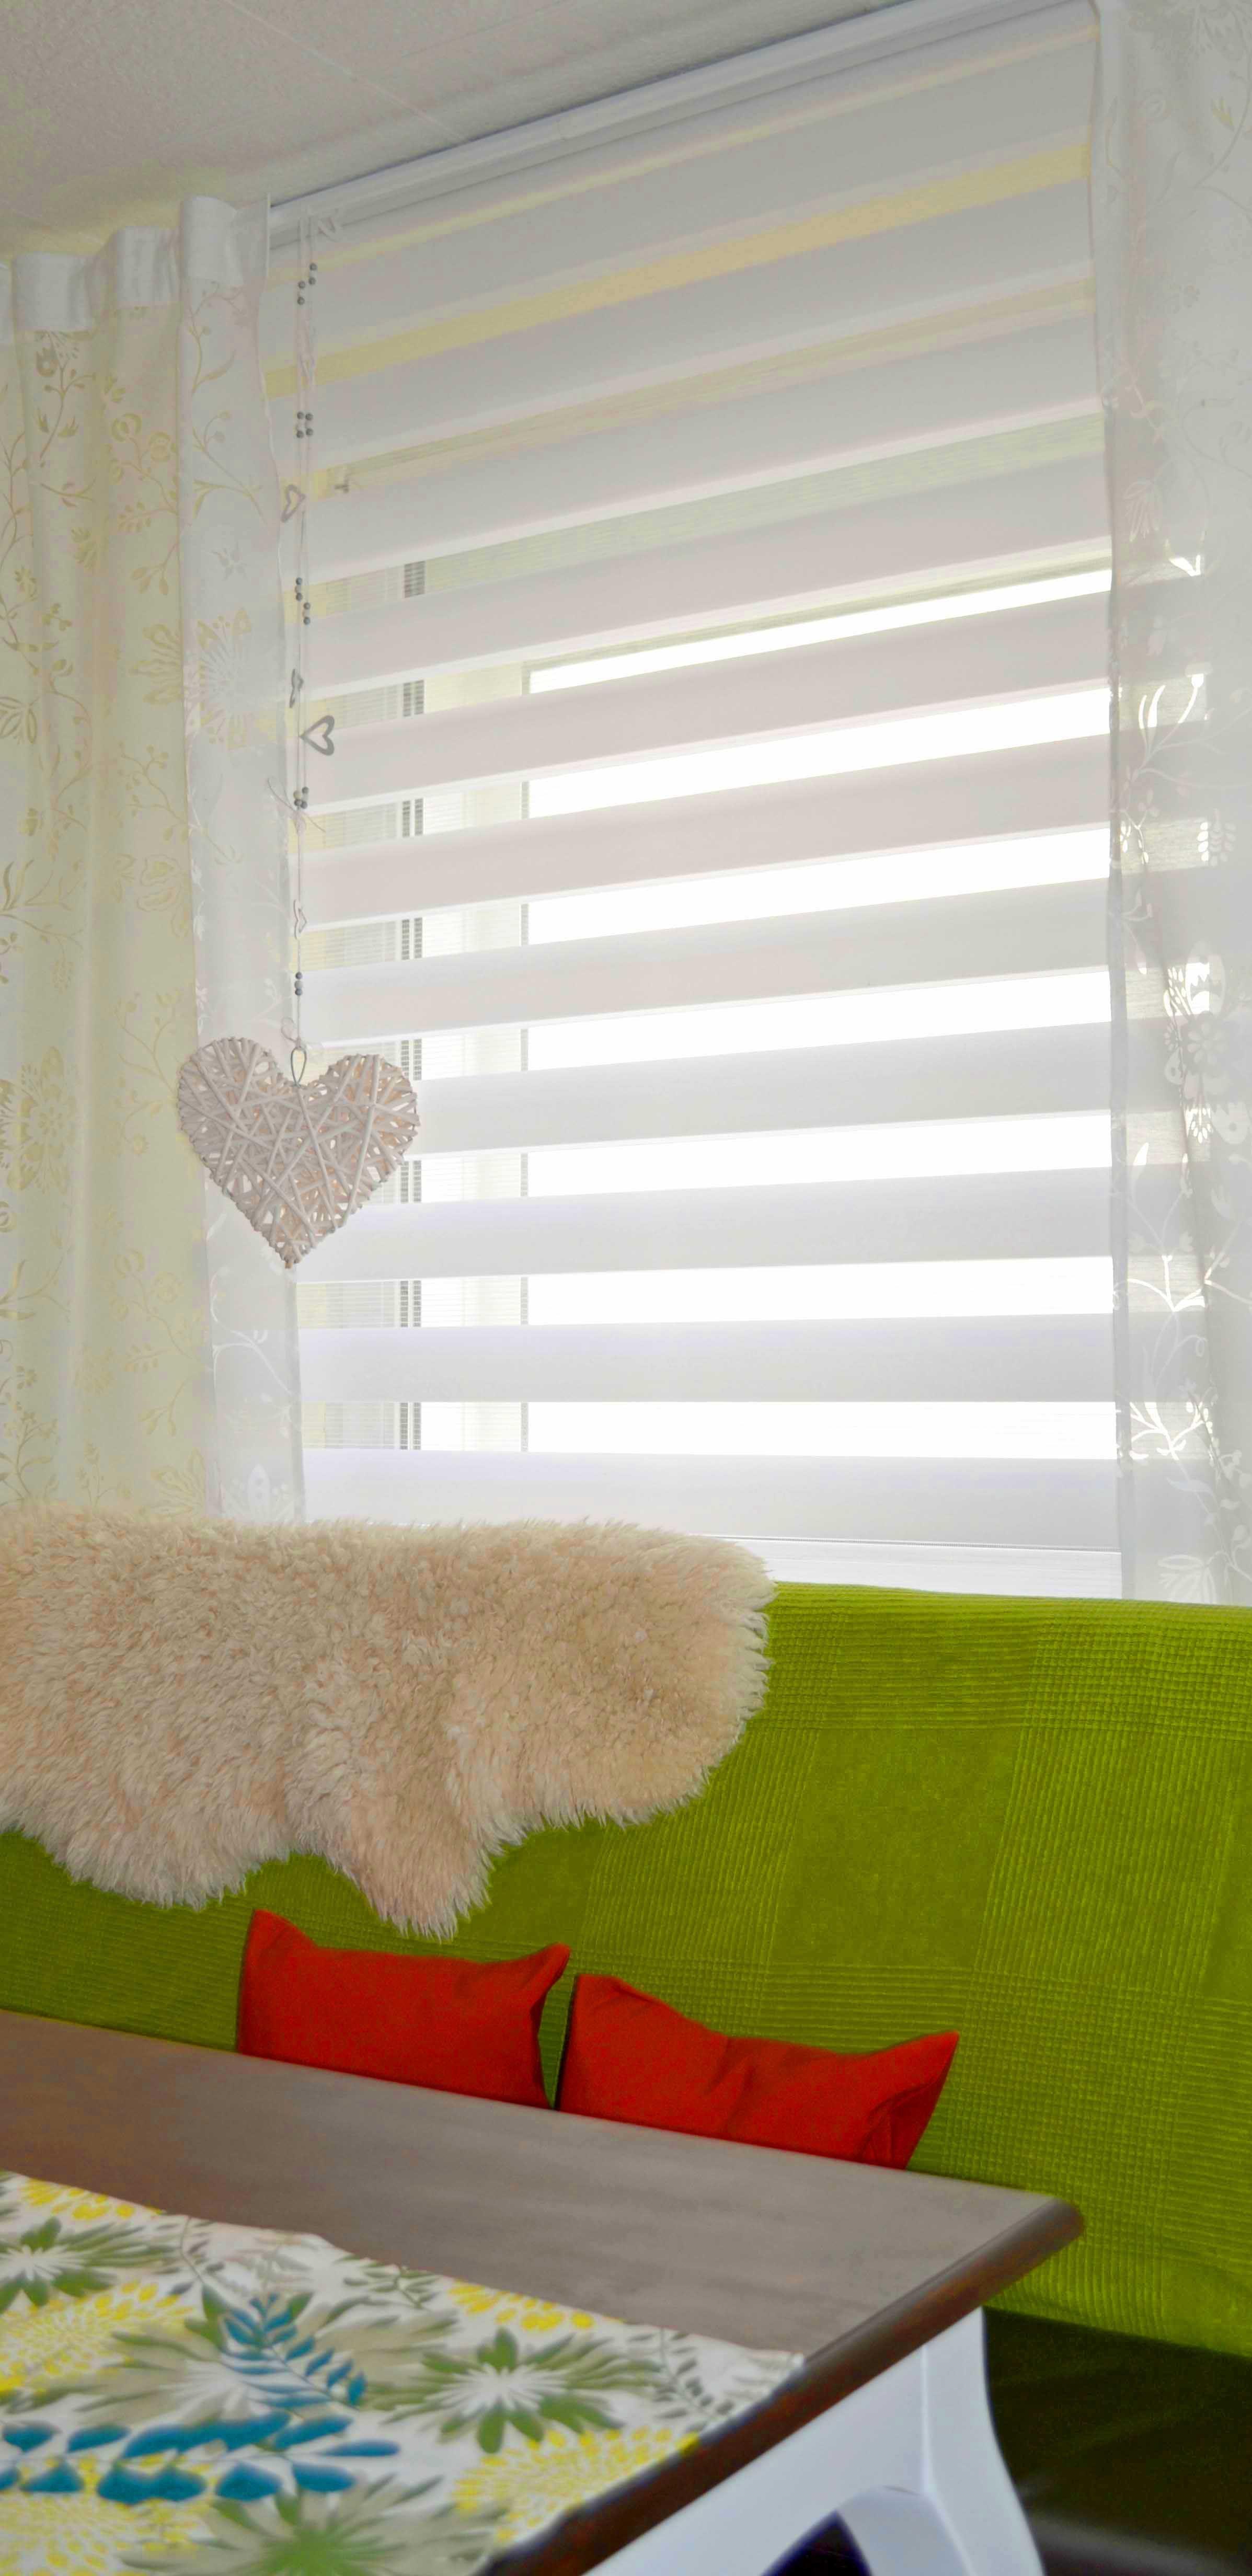 rollo #wohnzimmer #couch #fell Macht Euer Zuhause schöner mit ...